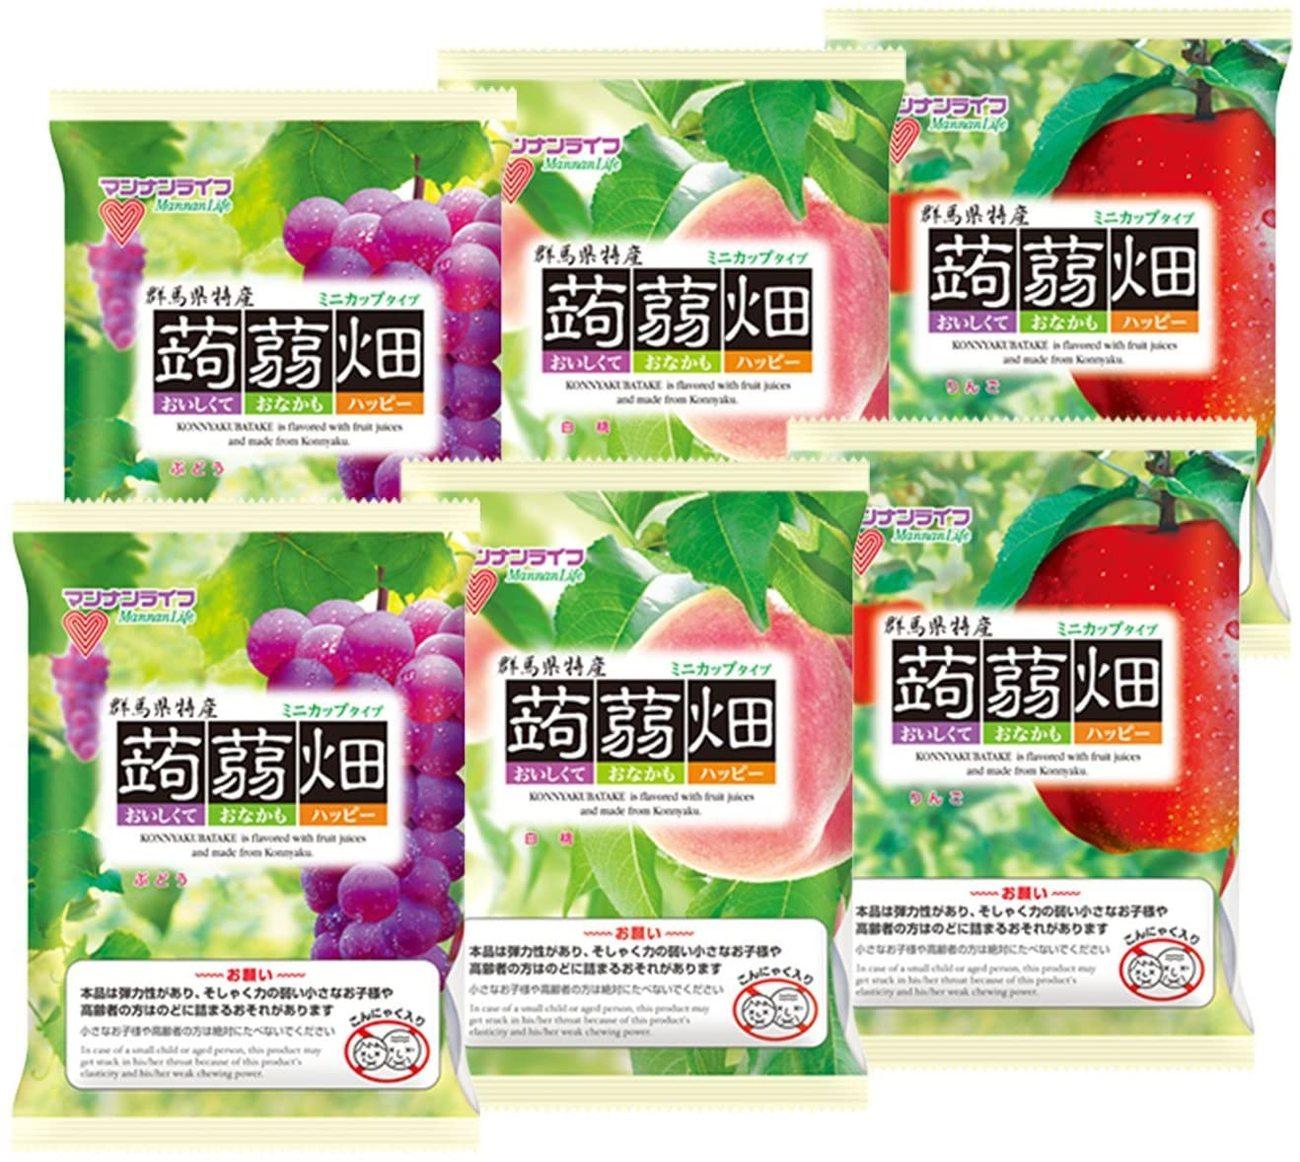 マンナンライフ 蒟蒻畑 3種 ぶどう味・白桃味・りんご味(25g×12個)